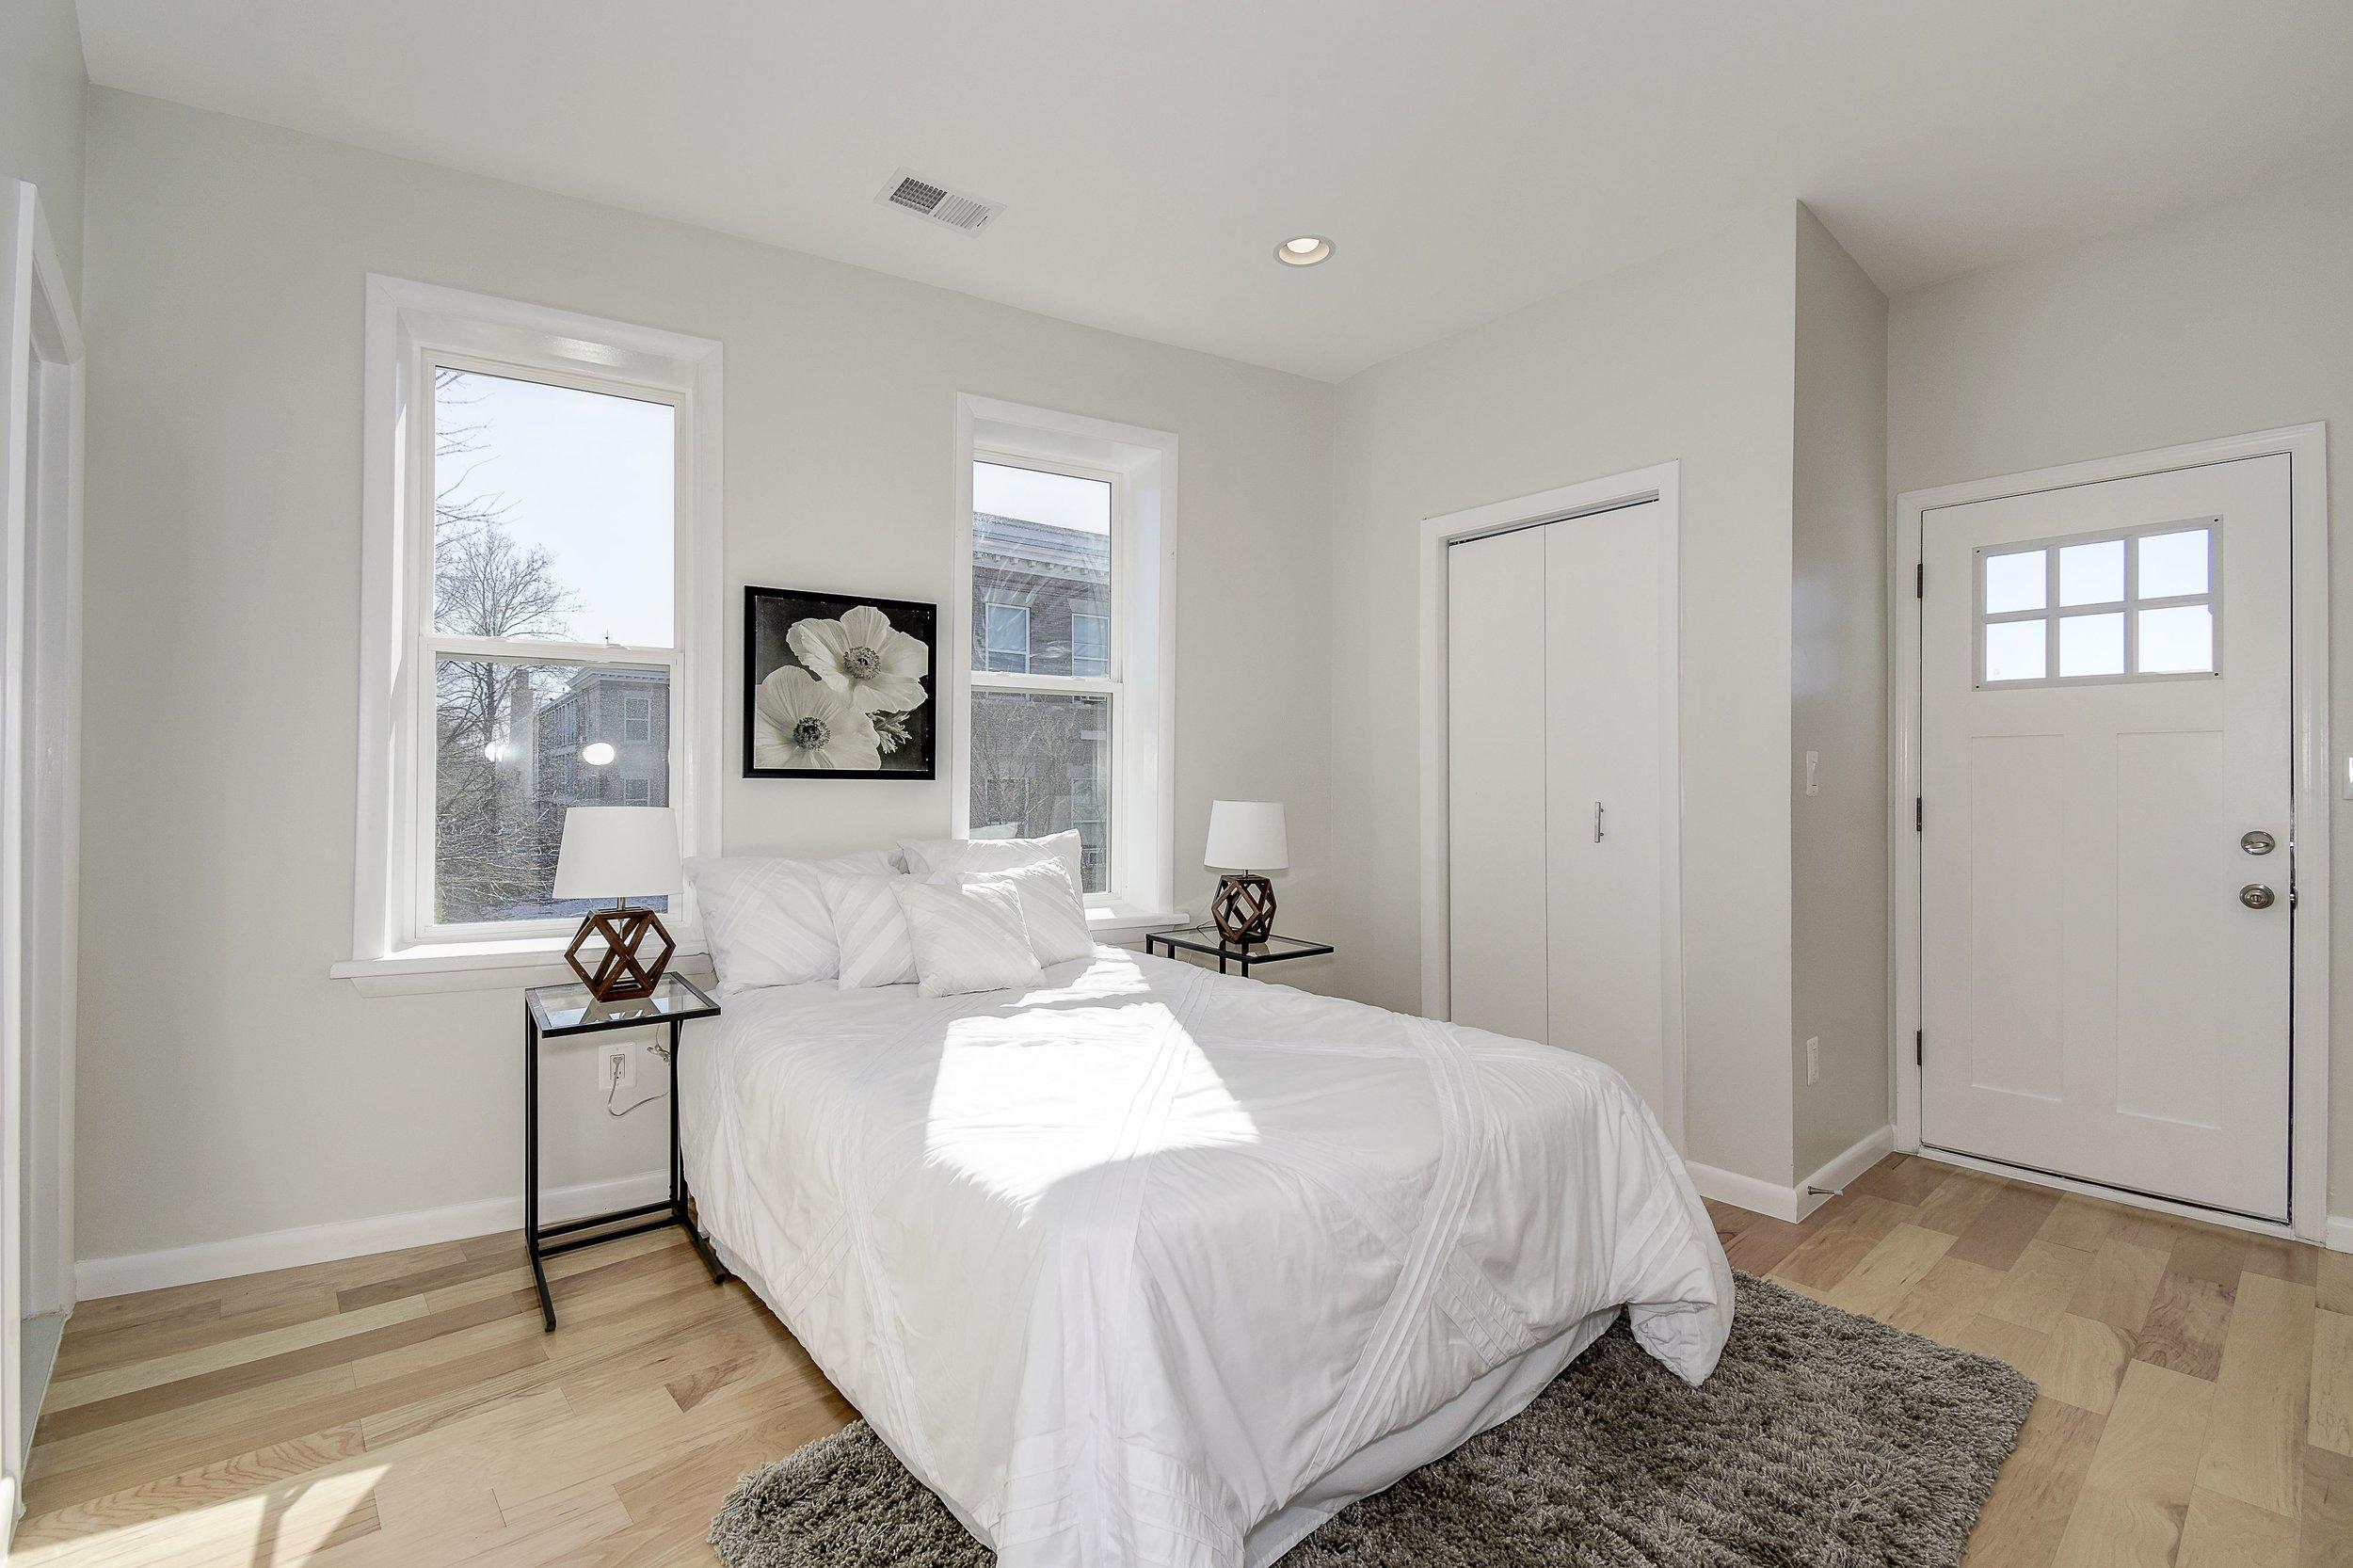 C - Bedroom.jpg